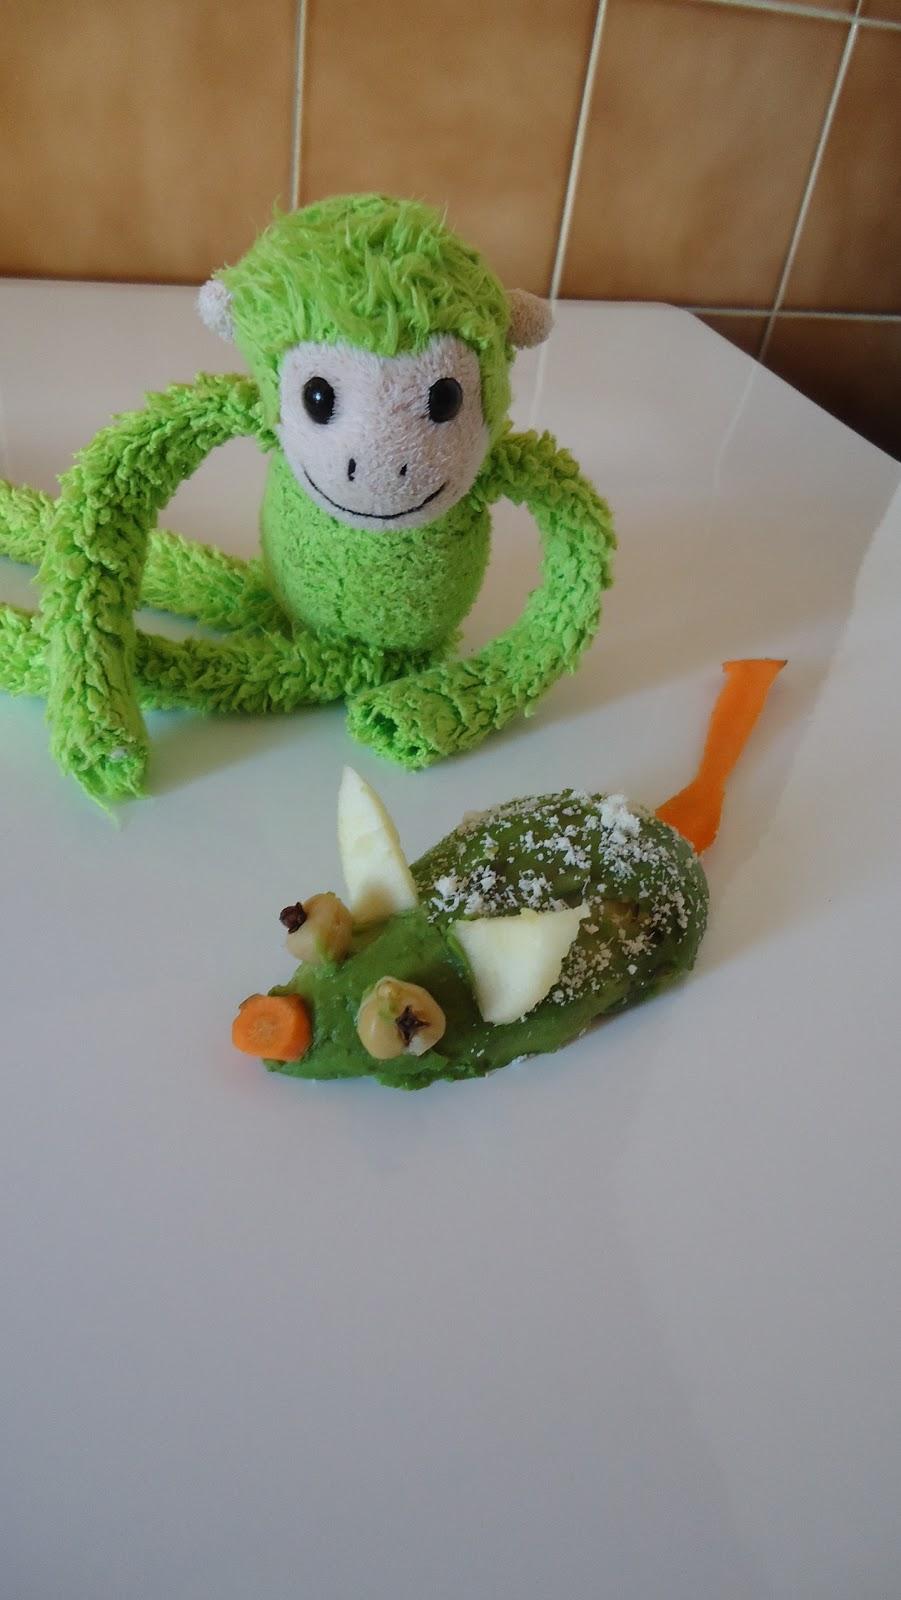 La vie est belle chez petit singe vert une souris verte - Une souris verte singe ...